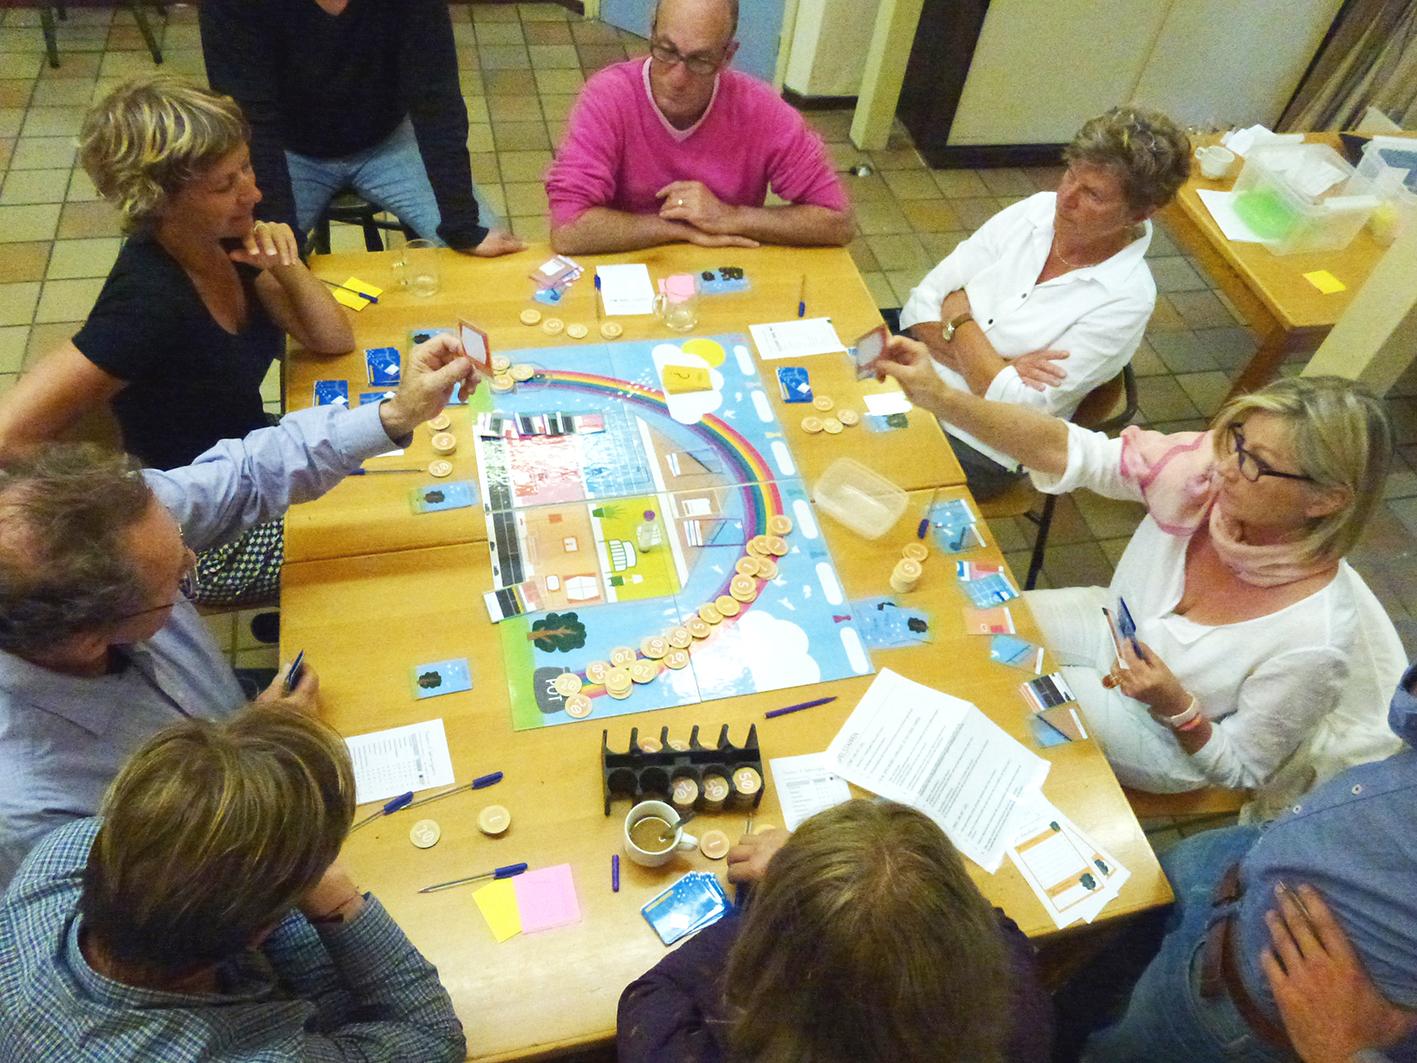 buurt inkoop organiseren door het spelen van het woning spel